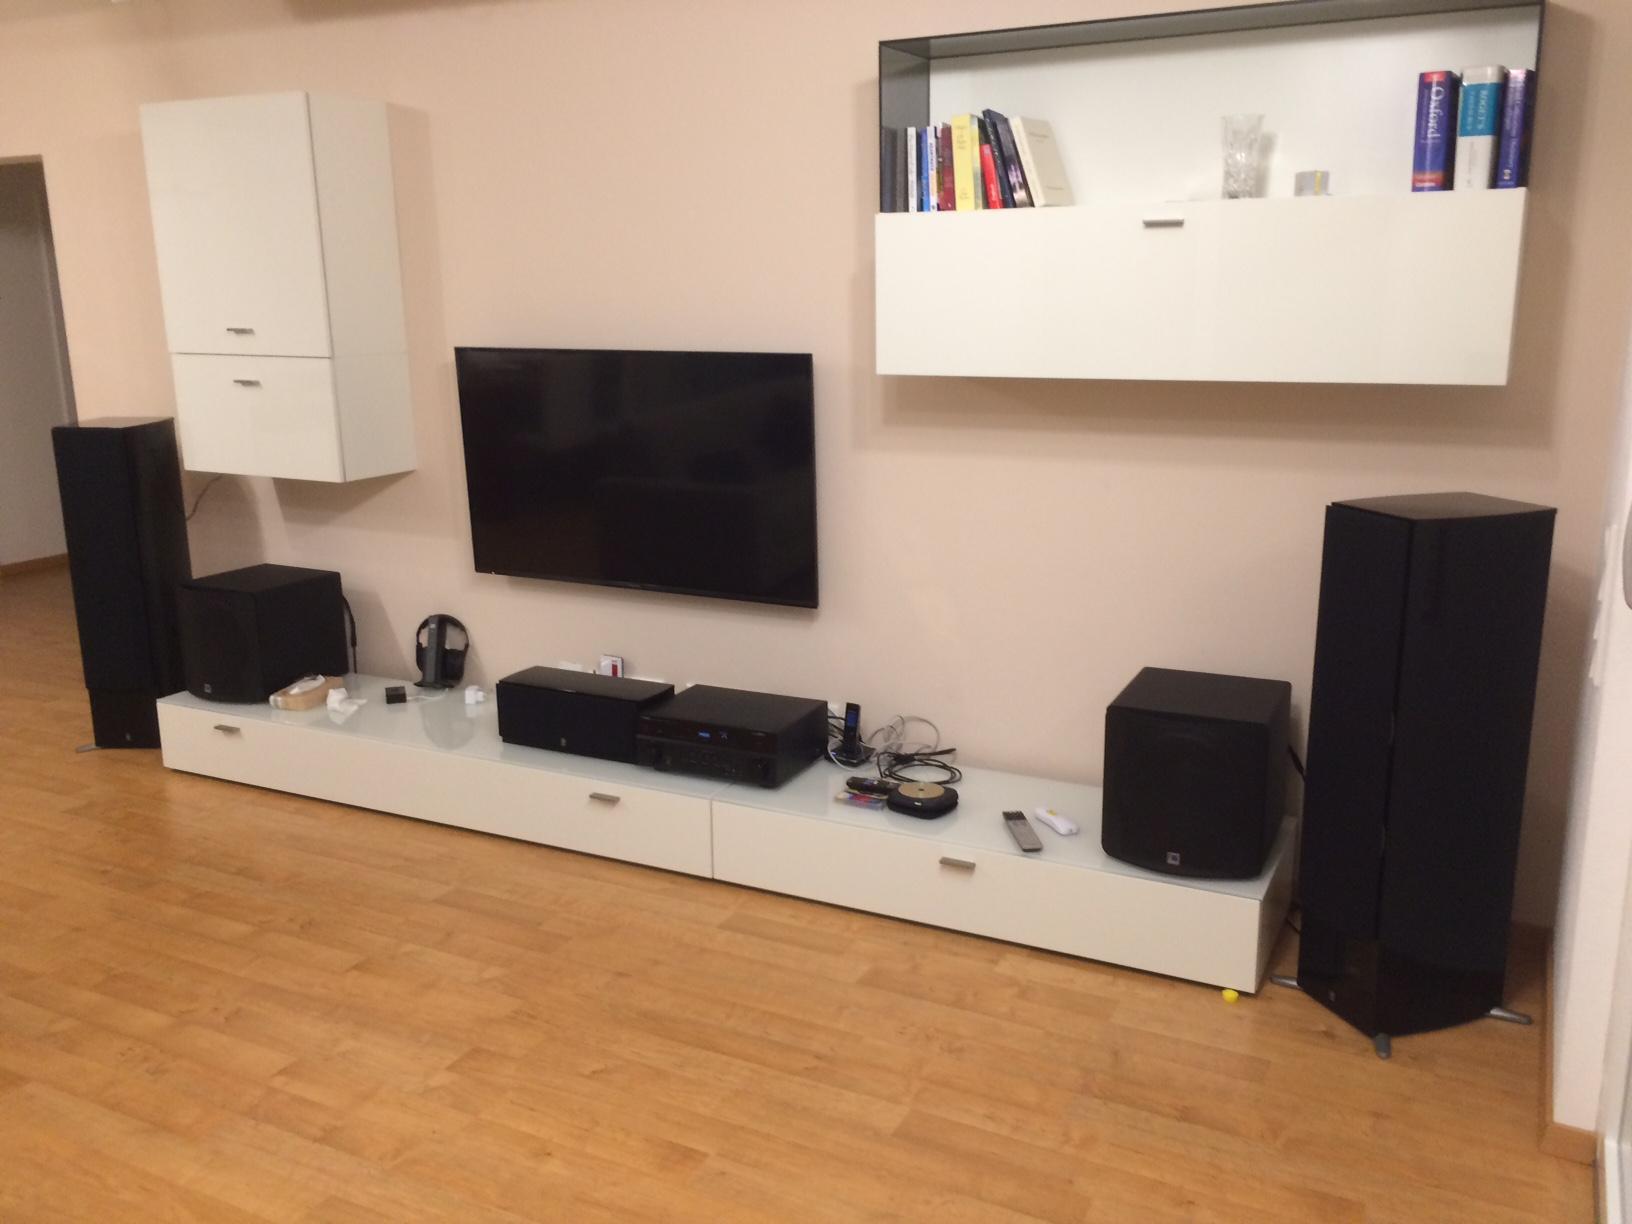 Help selecting Speakers | AVForums